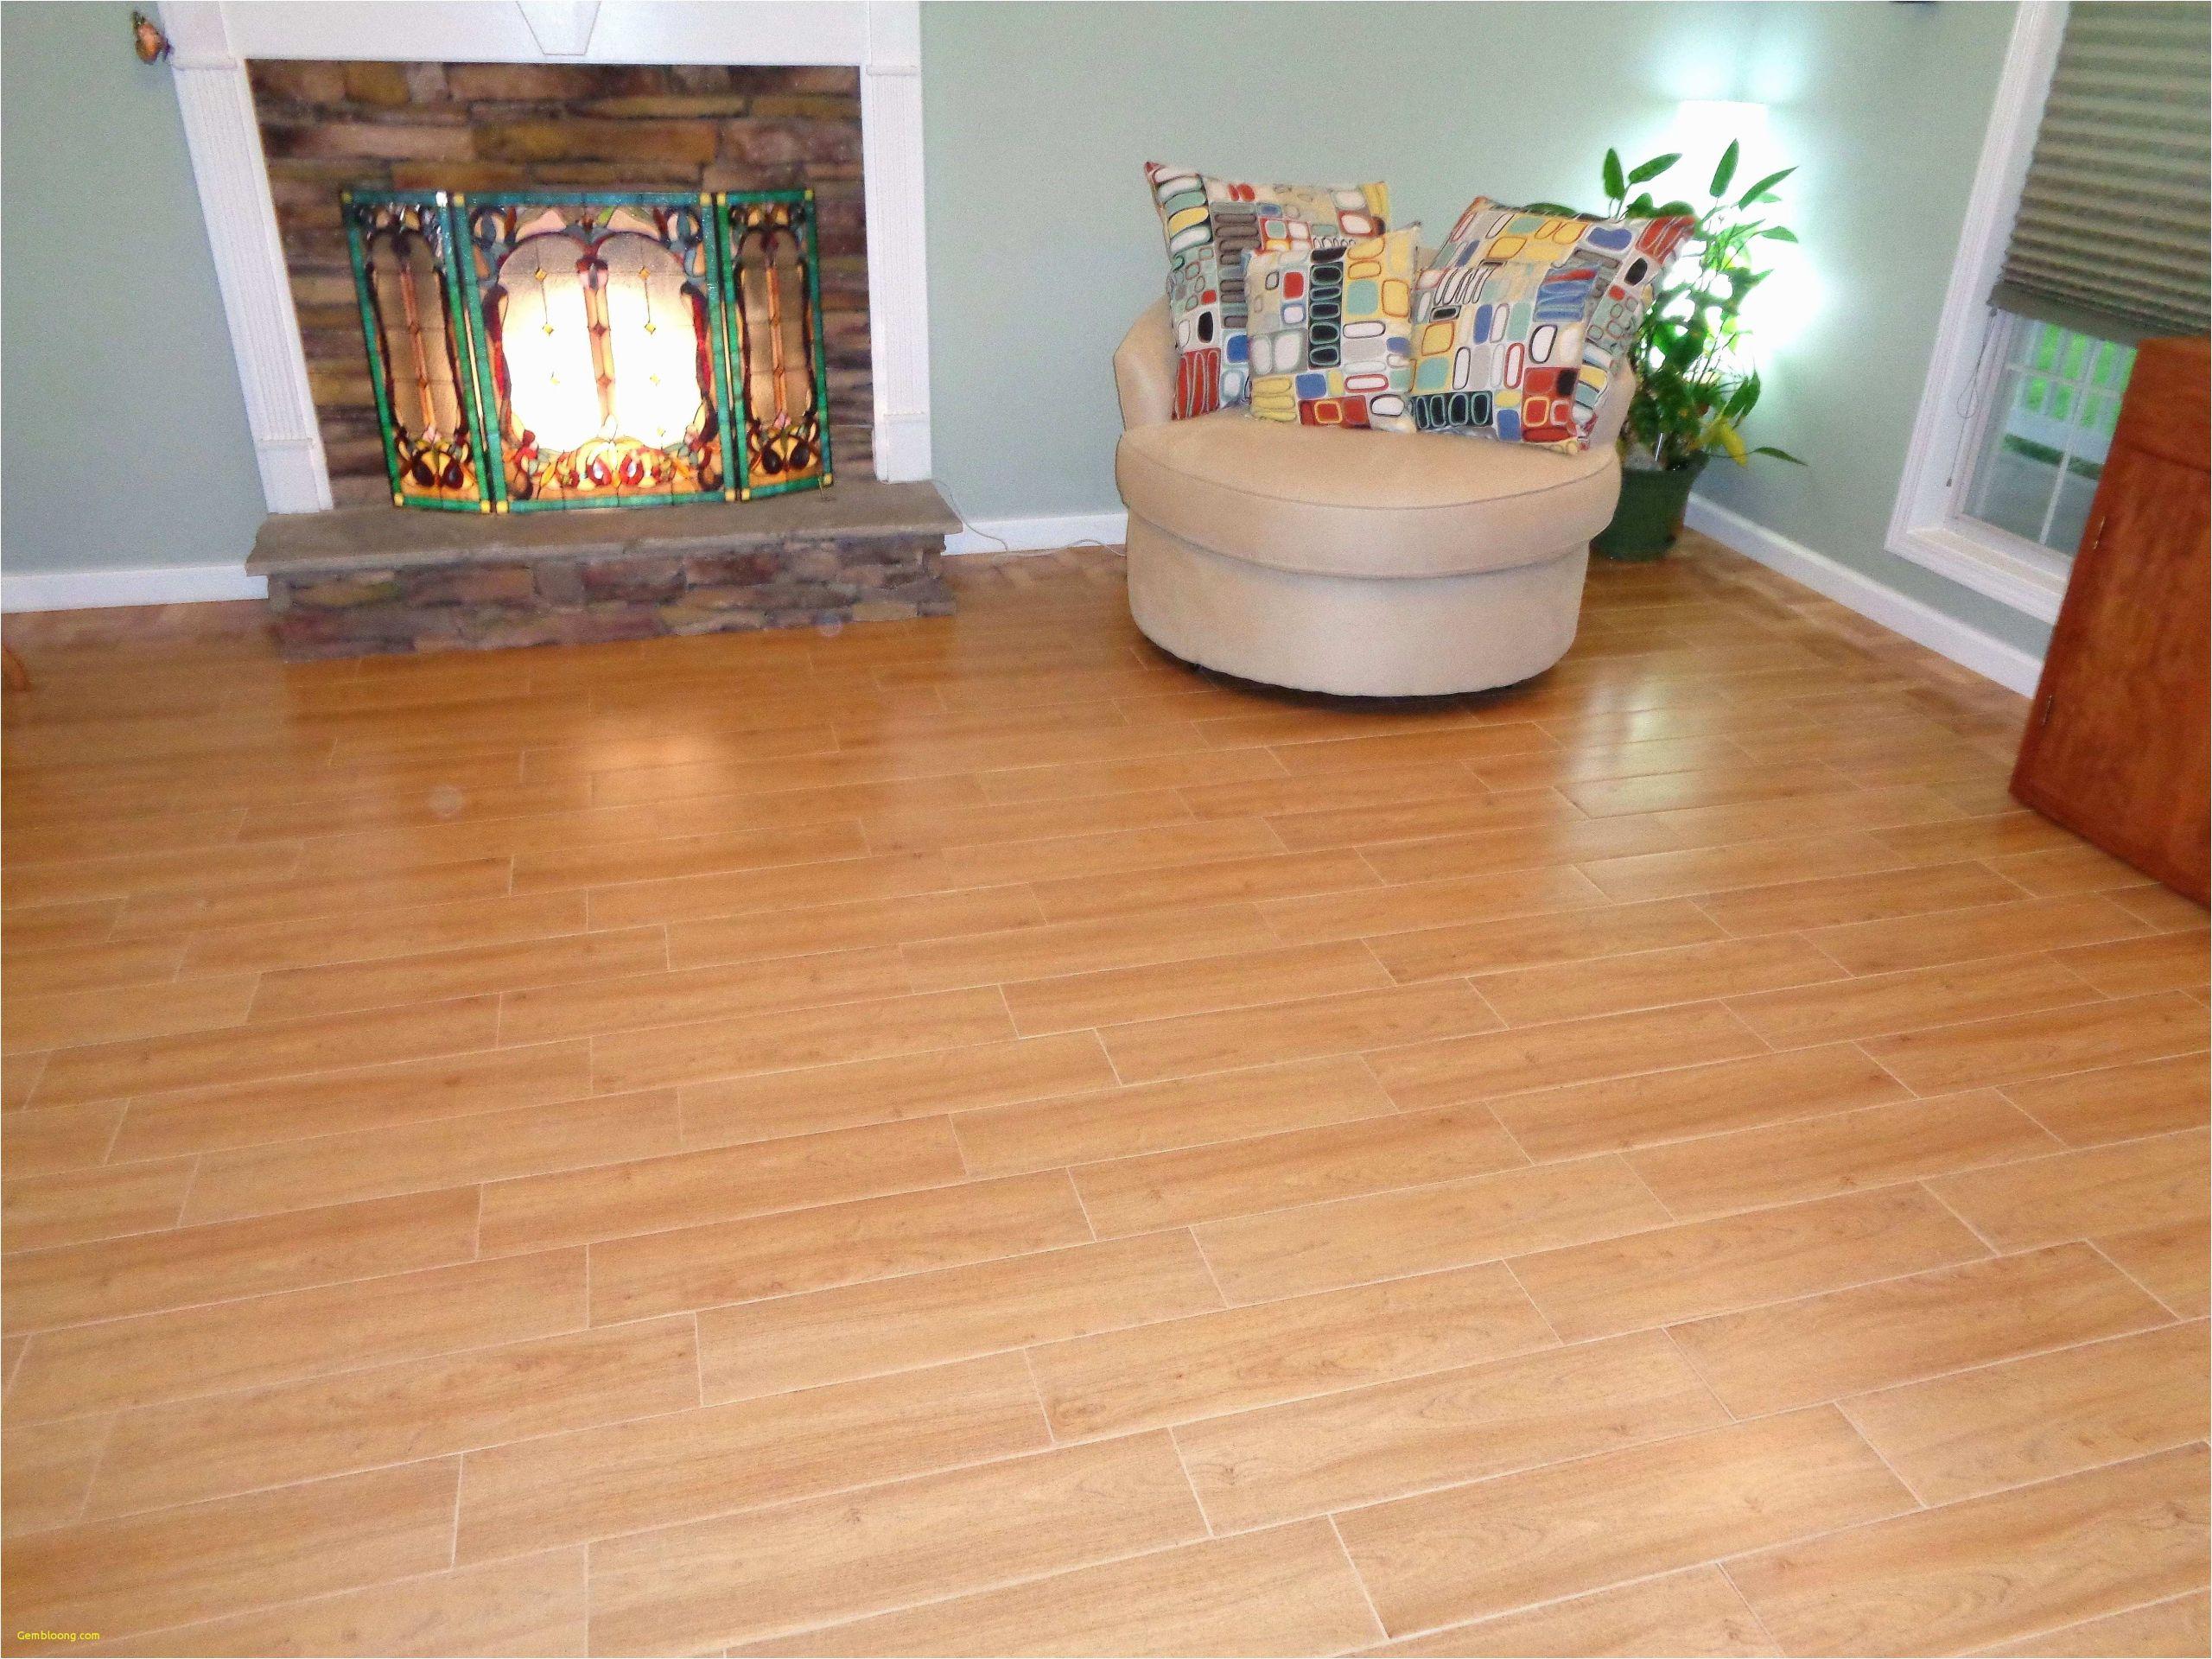 5 engineered hardwood flooring of wood for floors facesinnature regarding discount laminate flooring laminate wood flooring sale best clearance flooring 0d unique